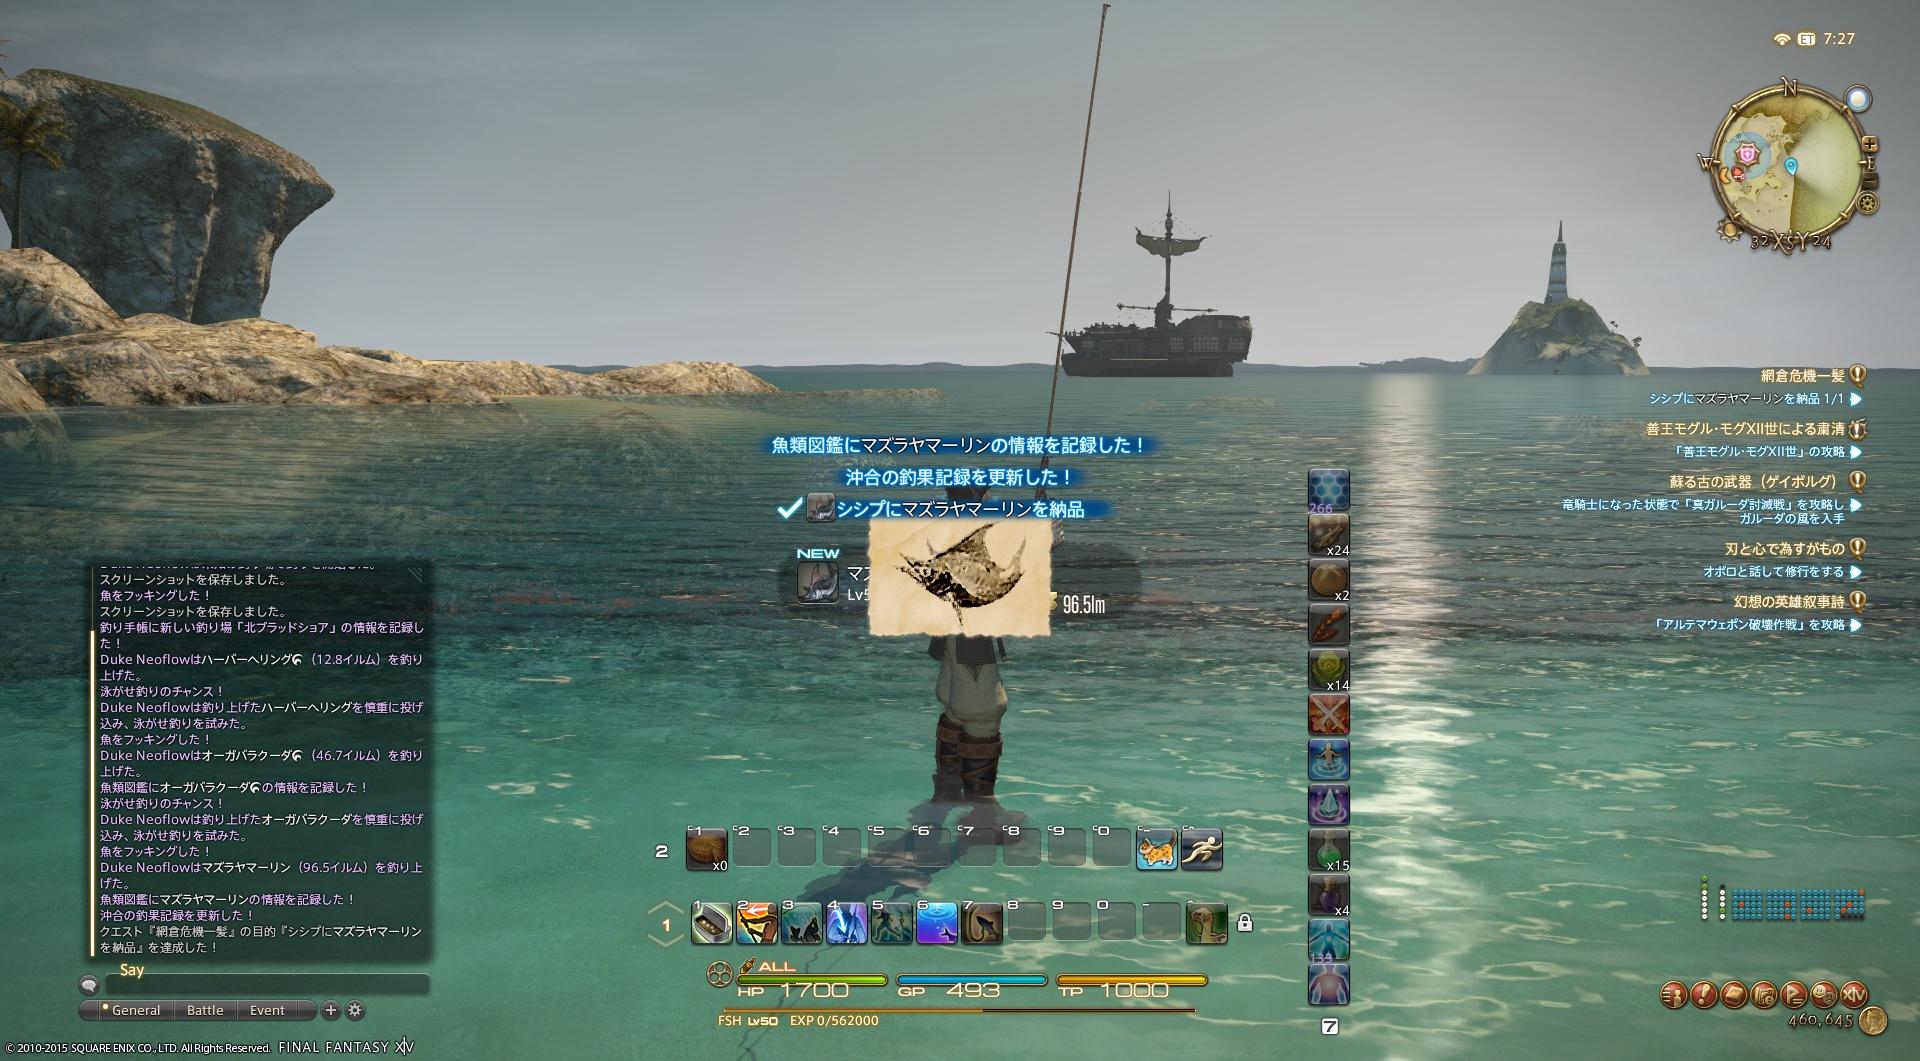 魚類図鑑にマズラヤマーリンの情報を記録